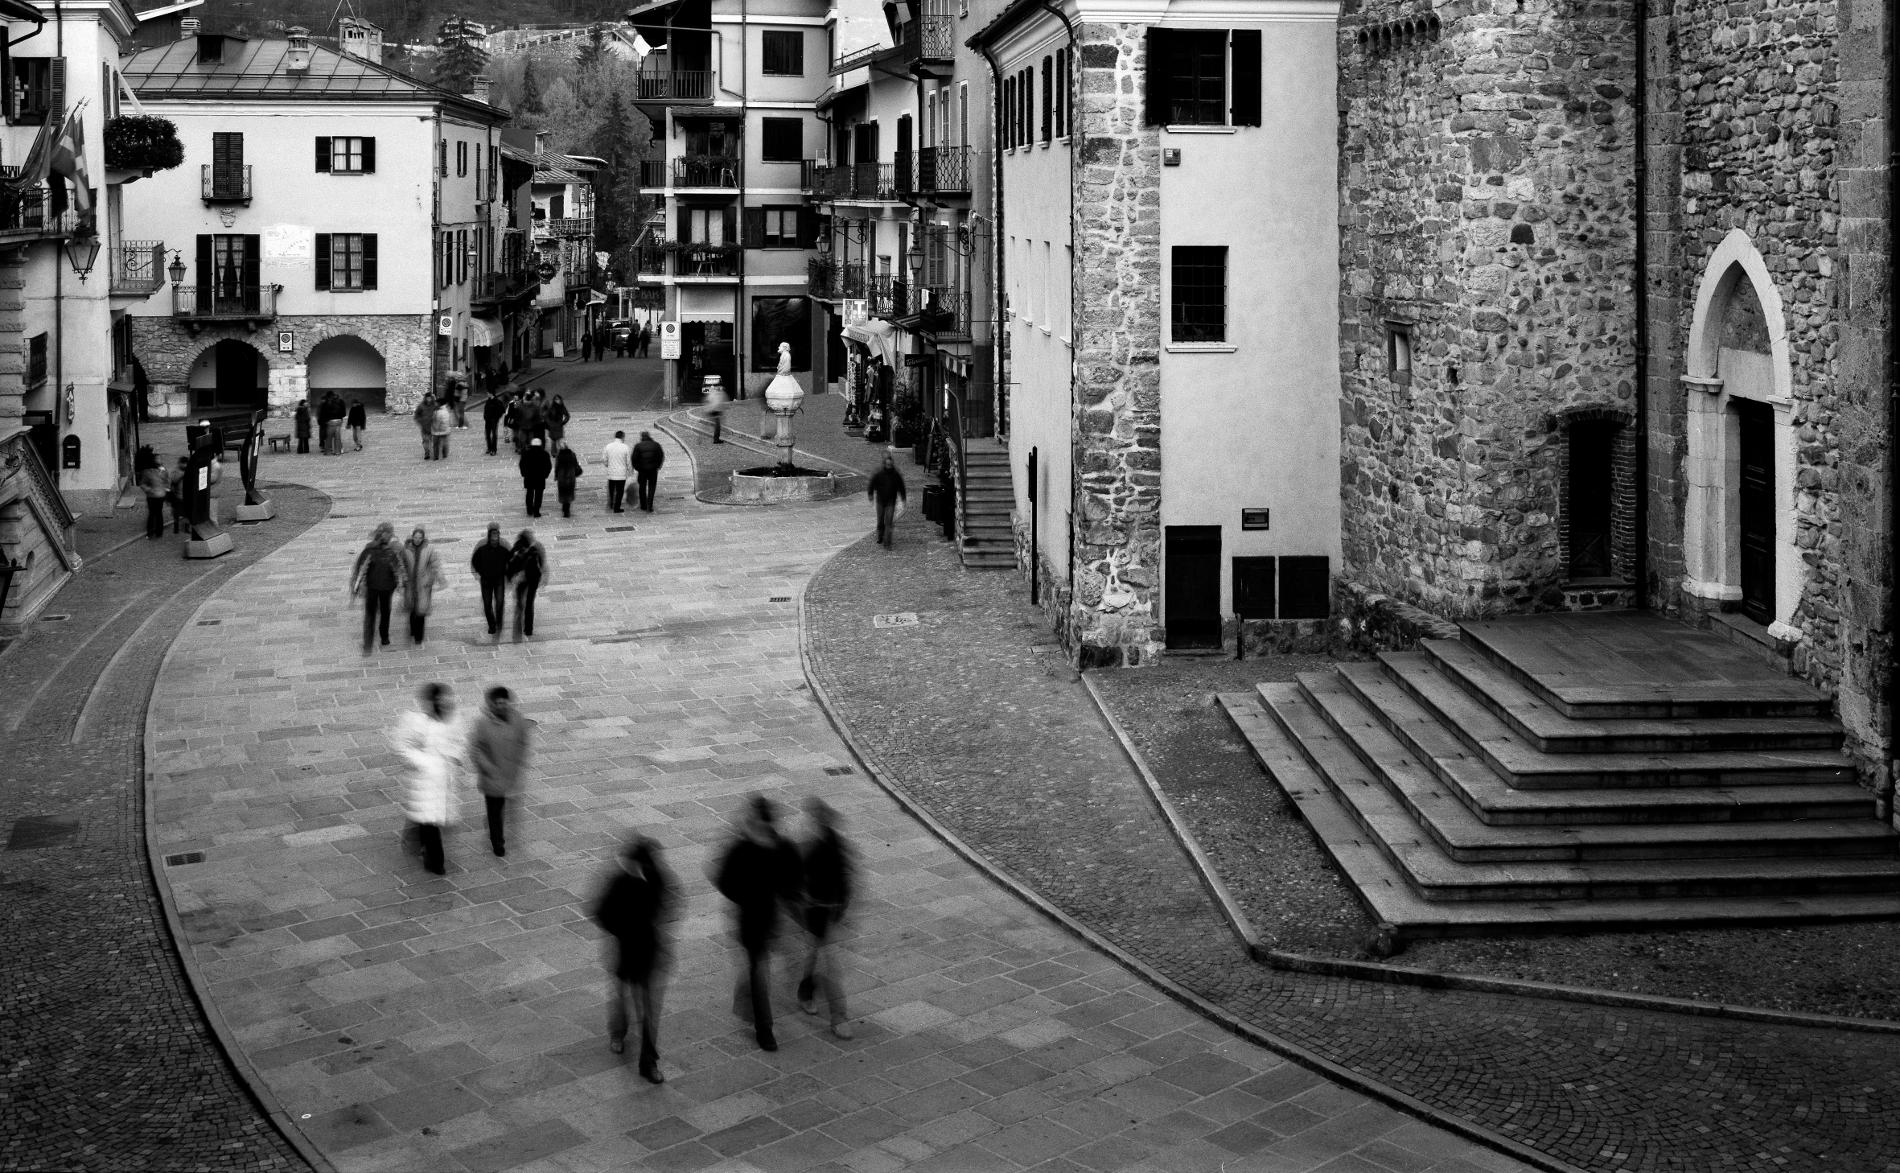 Luca soave architetto riqualificazione piazza roma for Arredo urbano in inglese